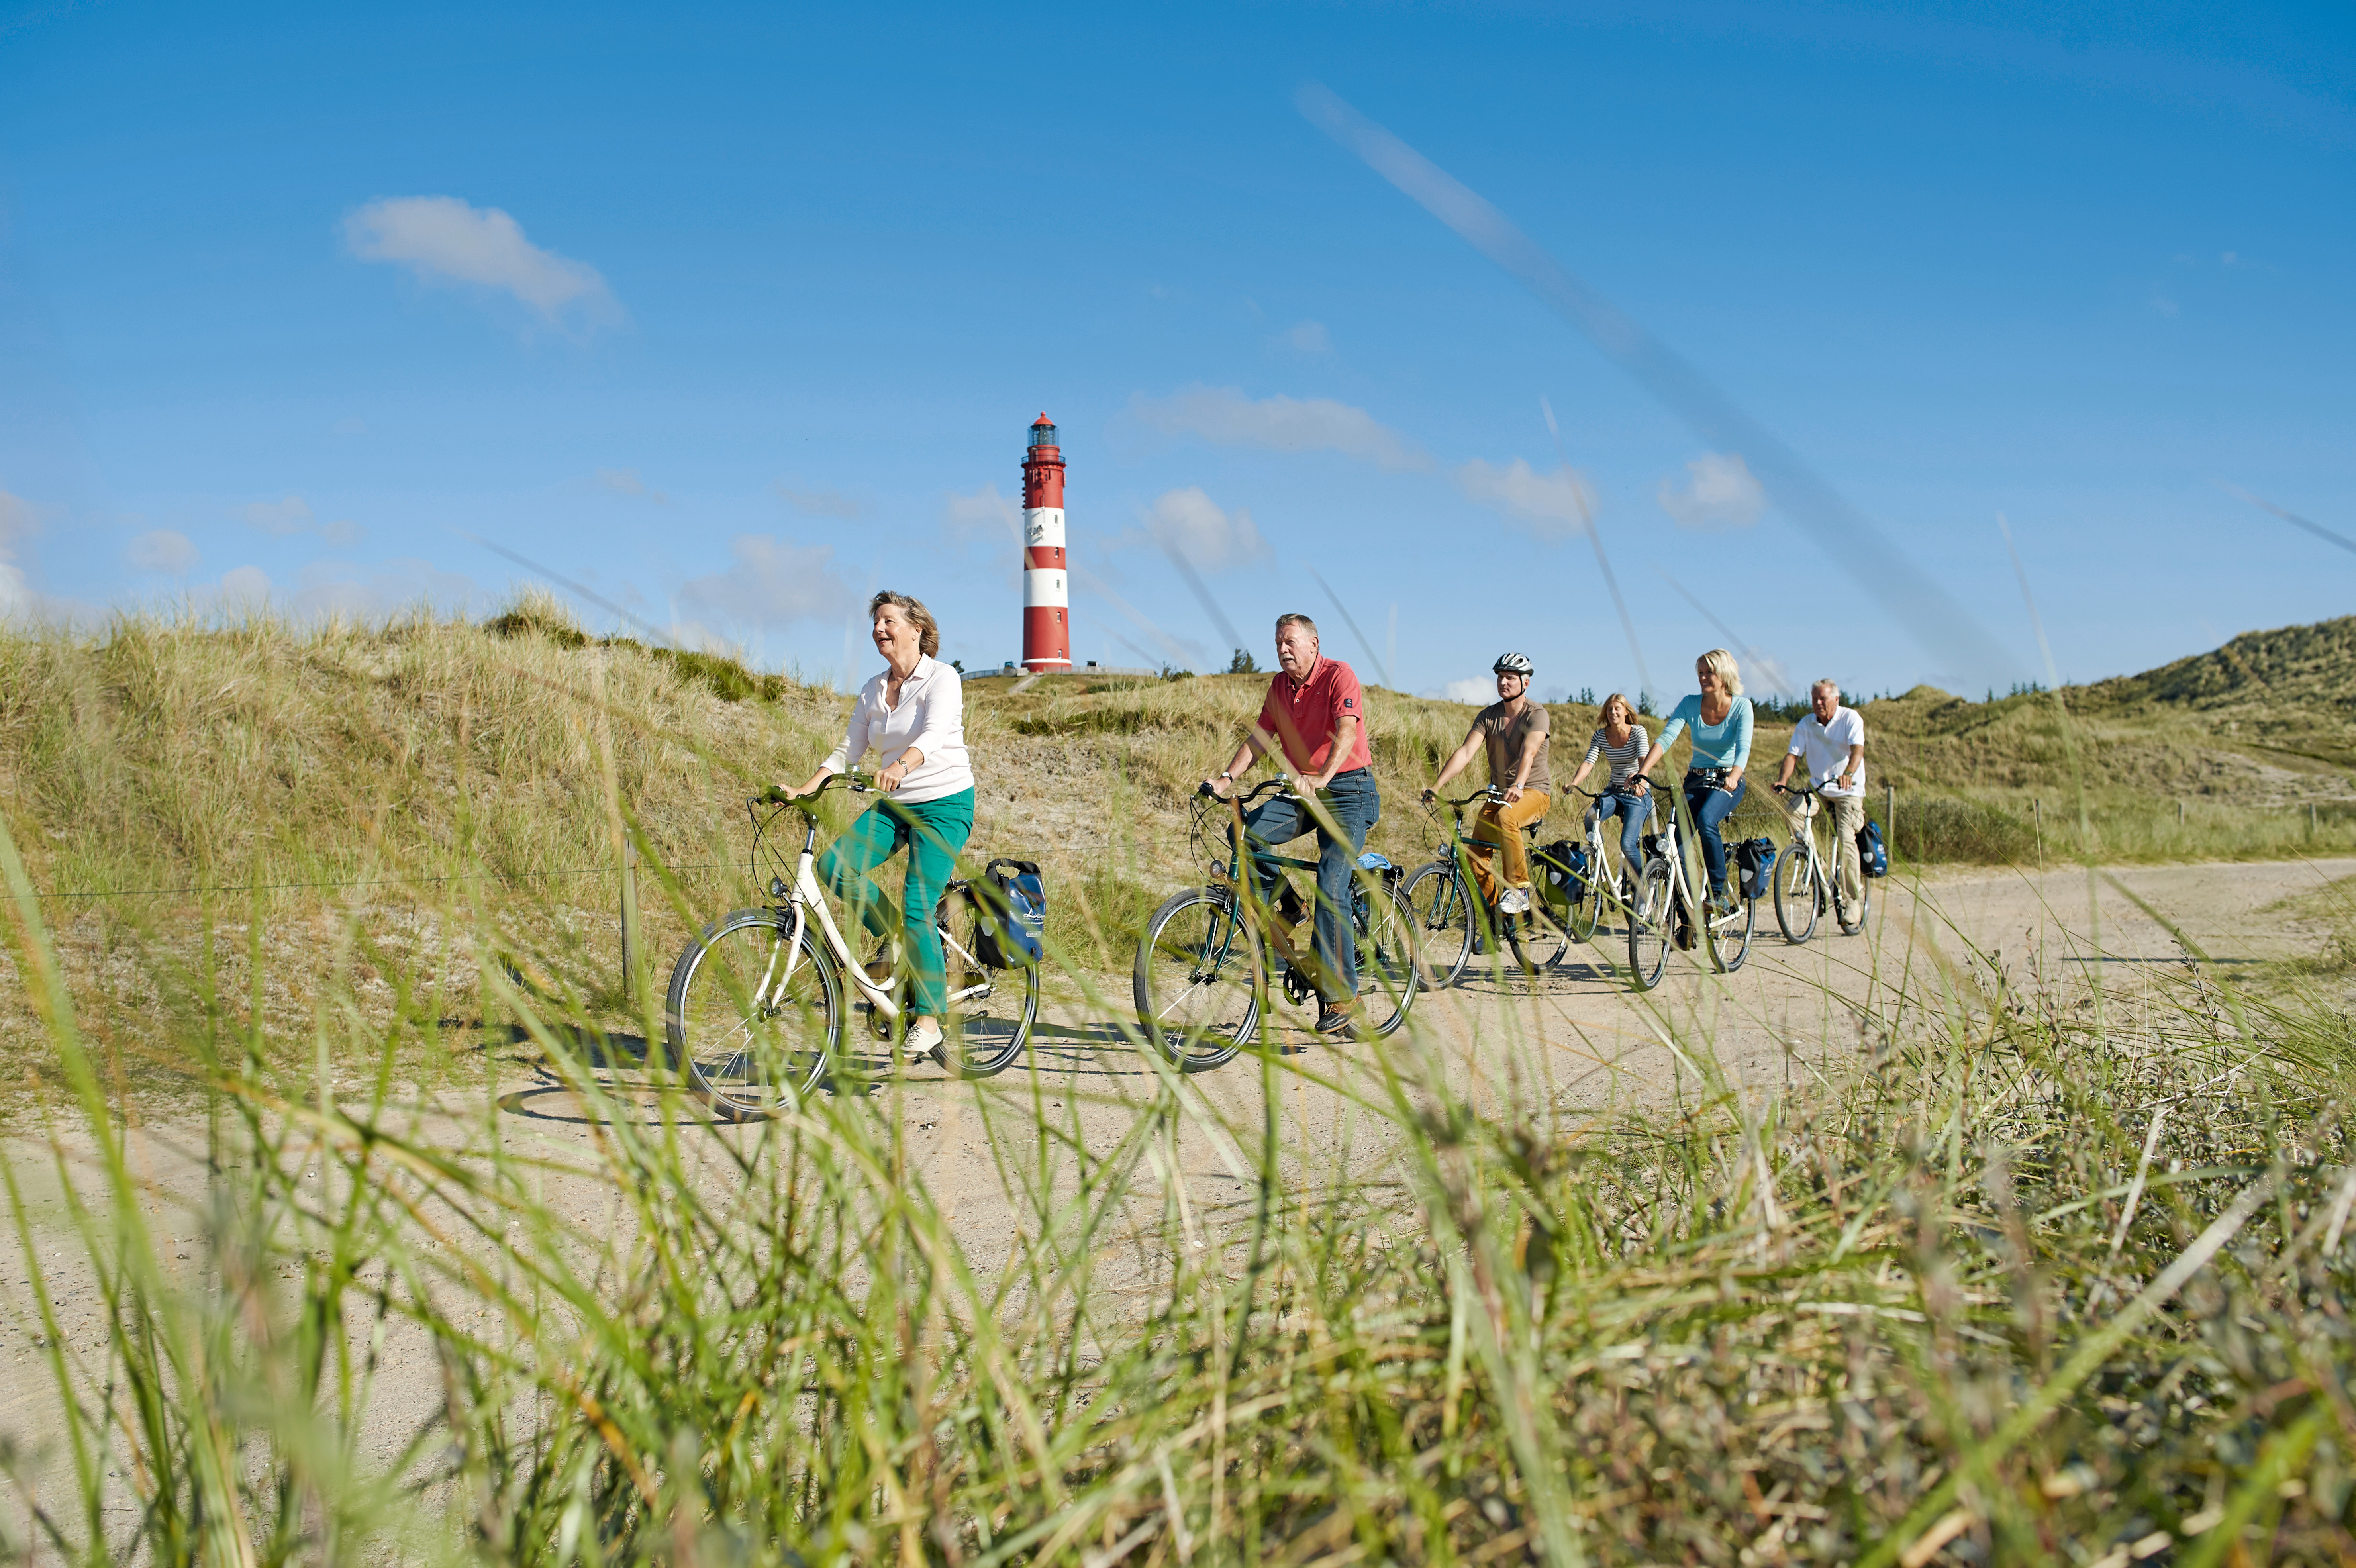 Inselradeln Nordfriesland mit die Landpartie